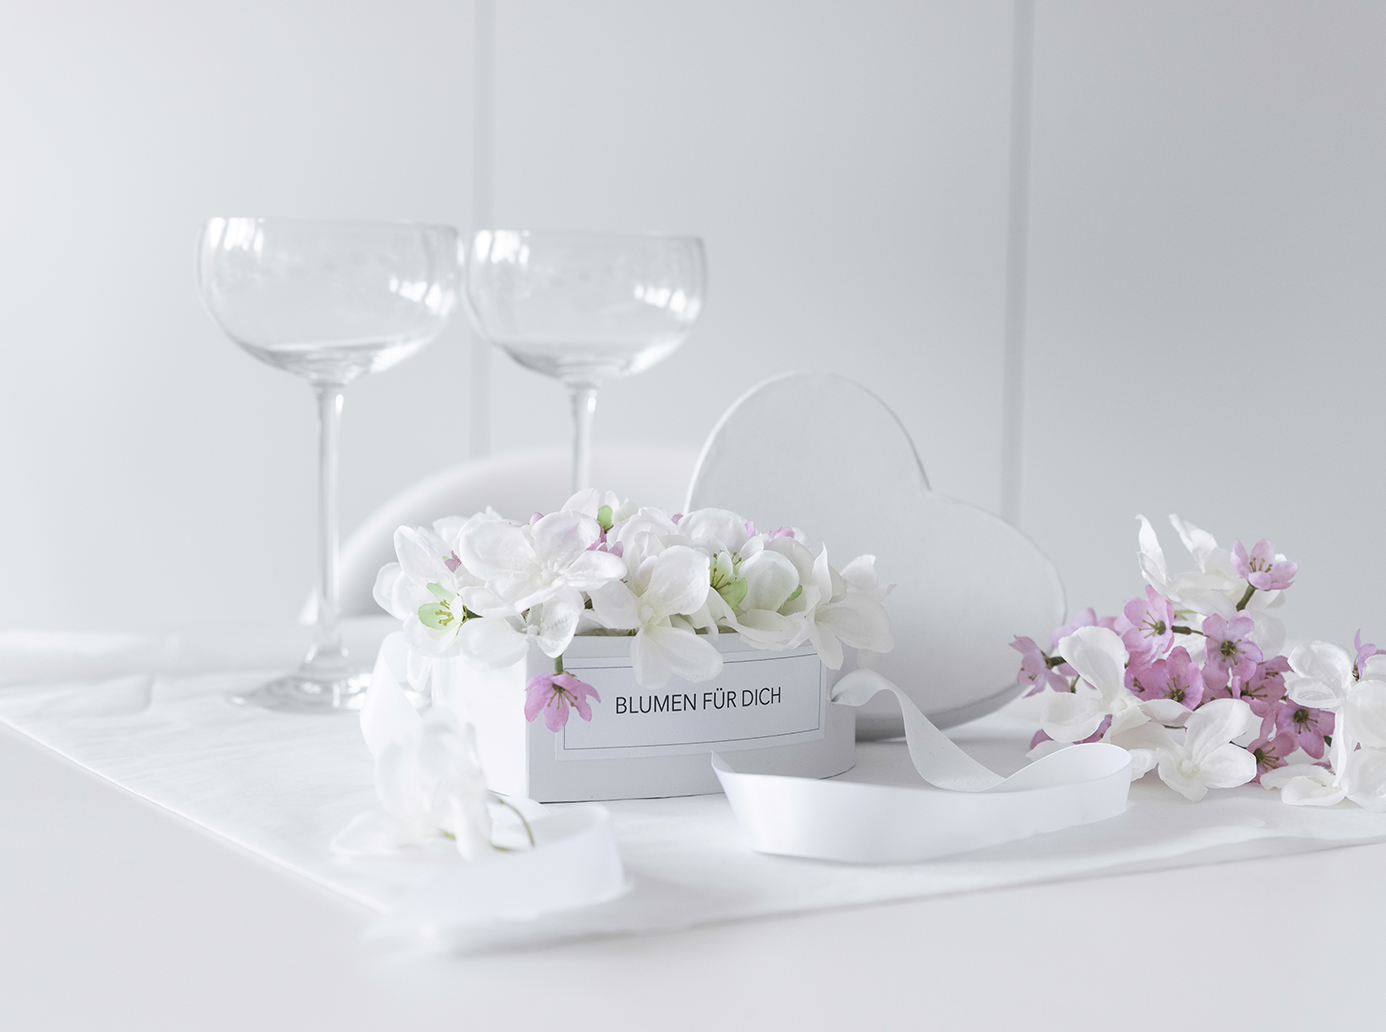 DIY Flowerbox - eine Herzschachtel als Hochzeitsgeschenk!